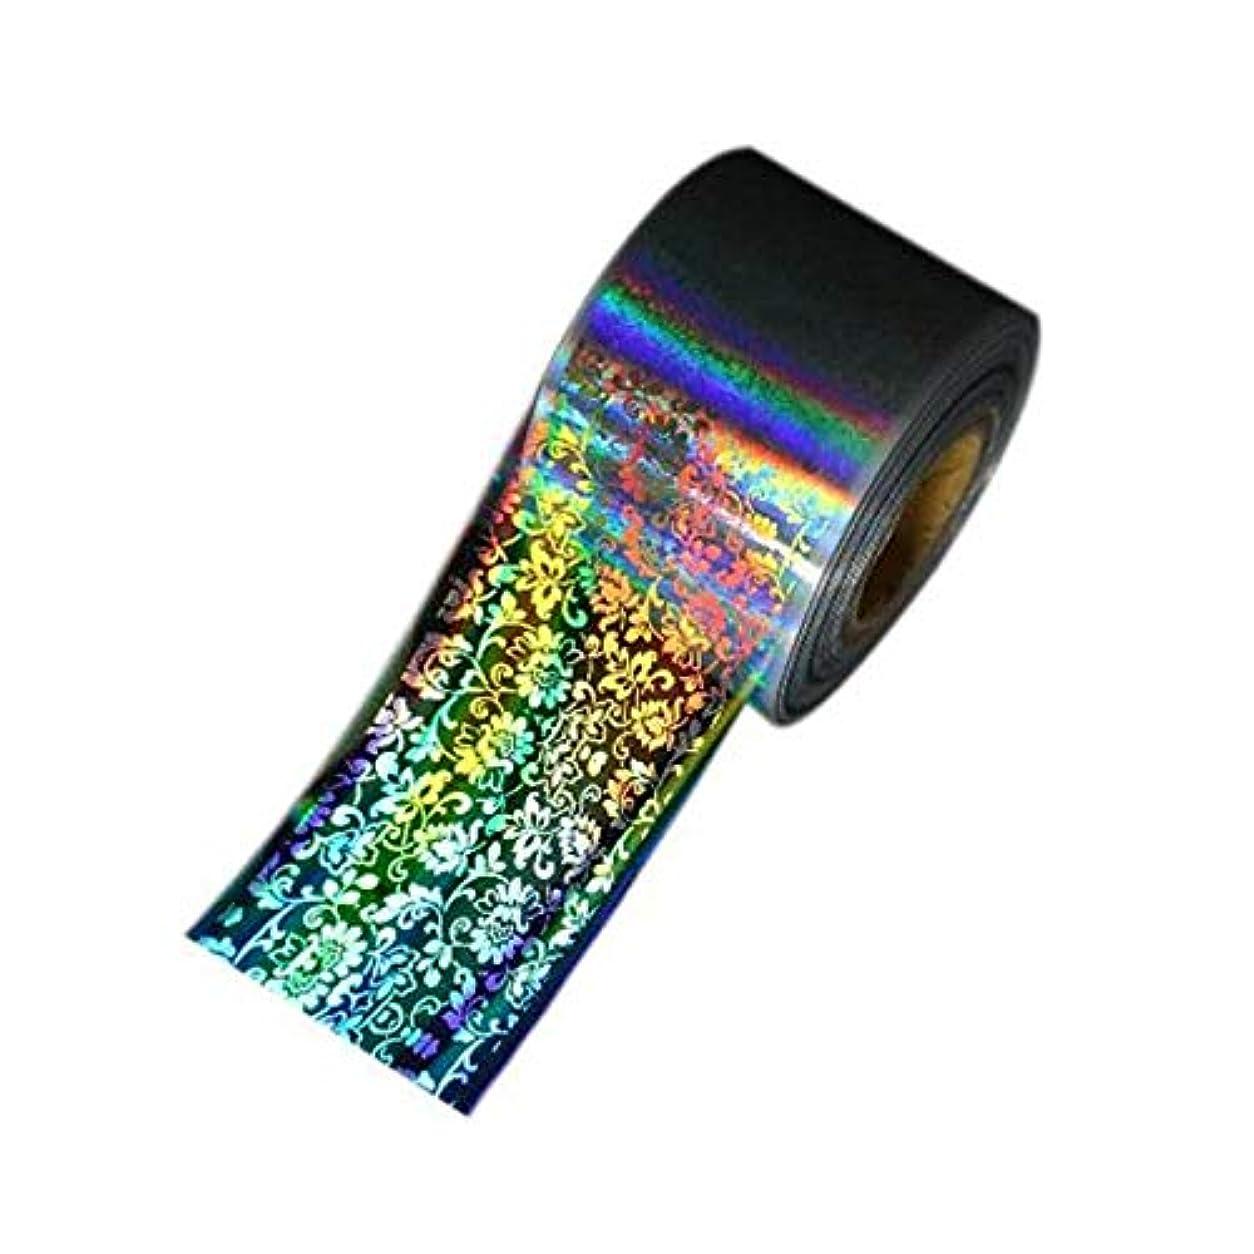 コミットメント犯す報酬SUKTI&XIAO ネイルステッカー 1ロール4Cm * 1Mネイルホイルレーザーホログラフィックブラックフラワーネイルフィルムフルカバーネイルステッカートランスファーフォイルデカールネイル、グレー